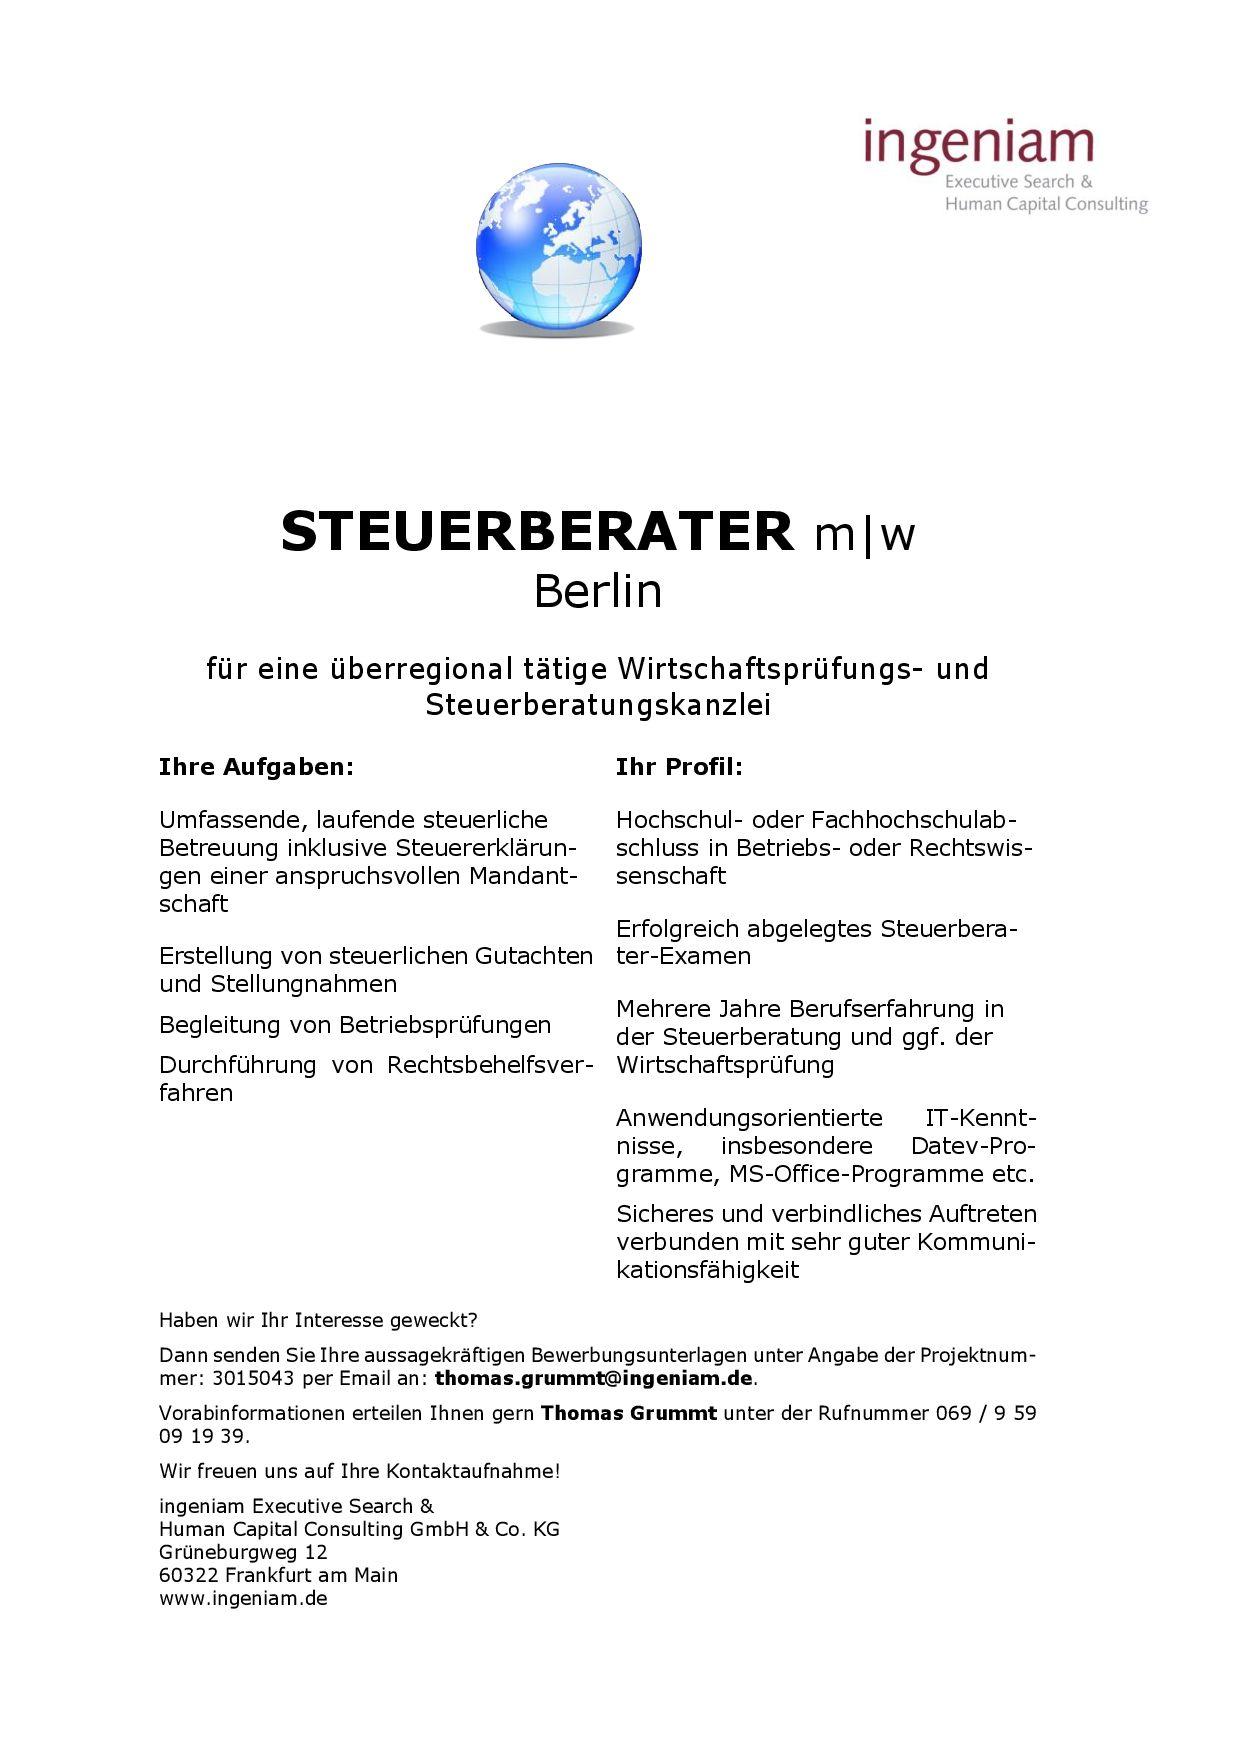 Http Www Kanzlei Job De Files 3015043 20berlin Steuerberater Jpg Mit Bildern Job Berlin Hochschule